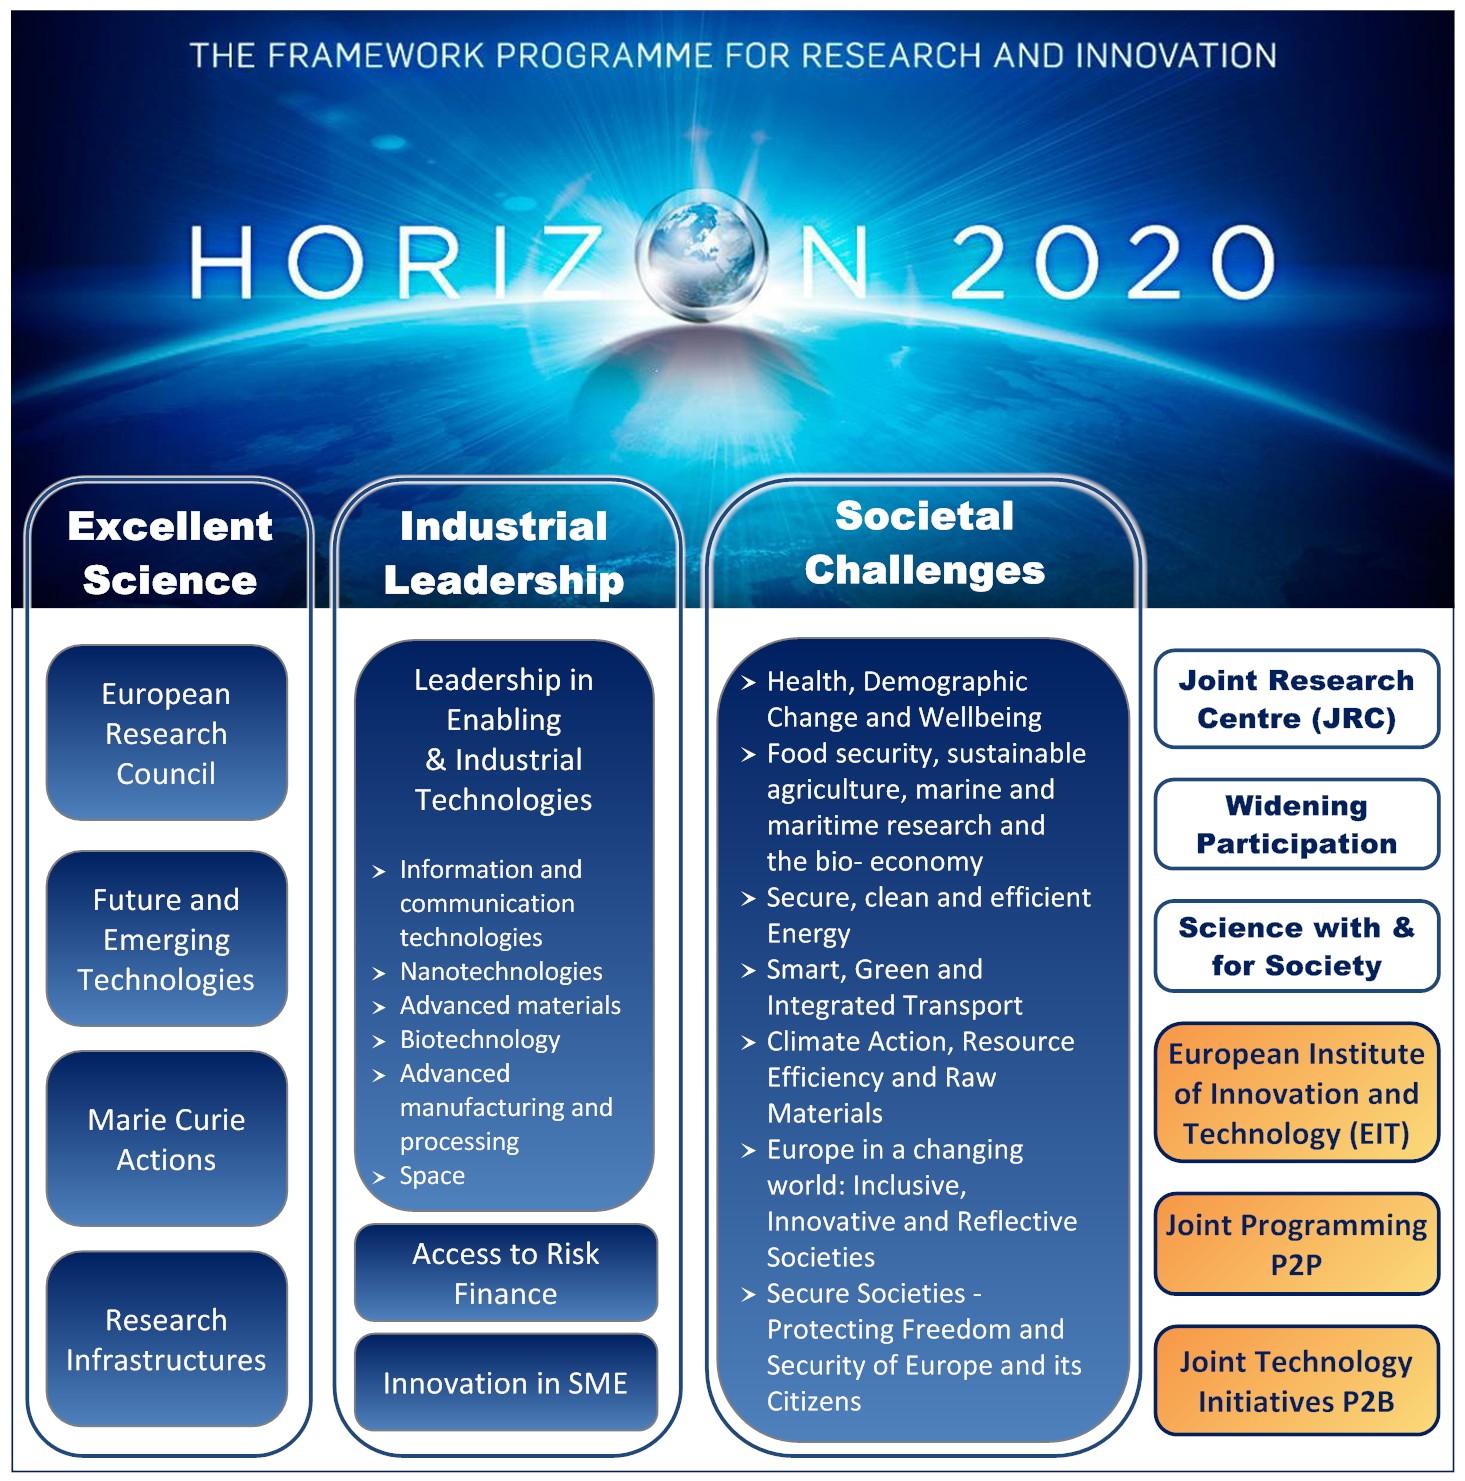 horizon 2020 calls